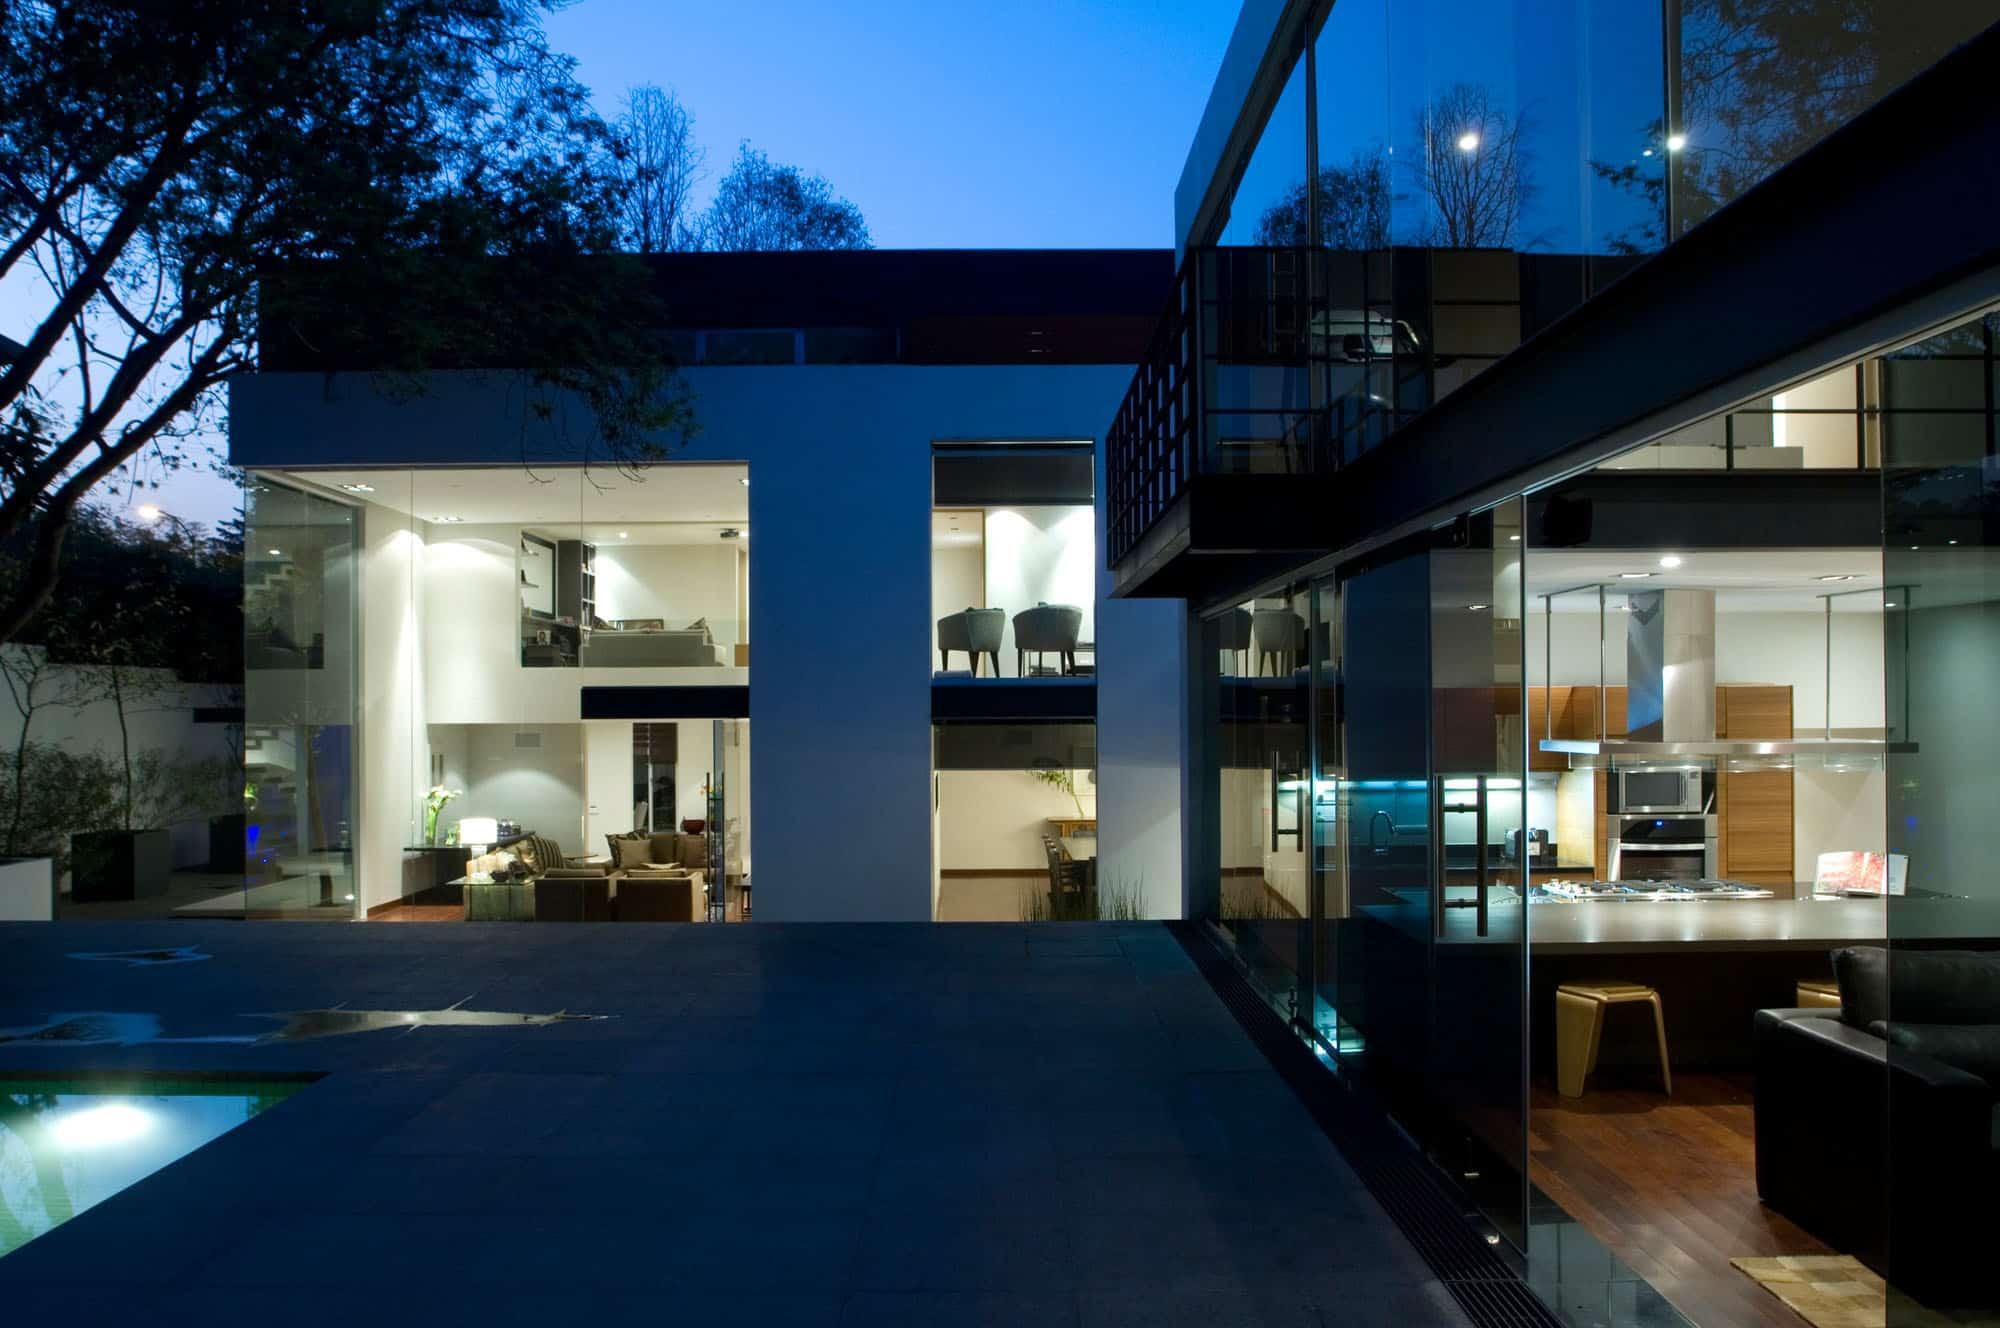 Casa lomas de chapultepec by paola calzada arquitectos for Casa de eventos en ciudad jardin cali